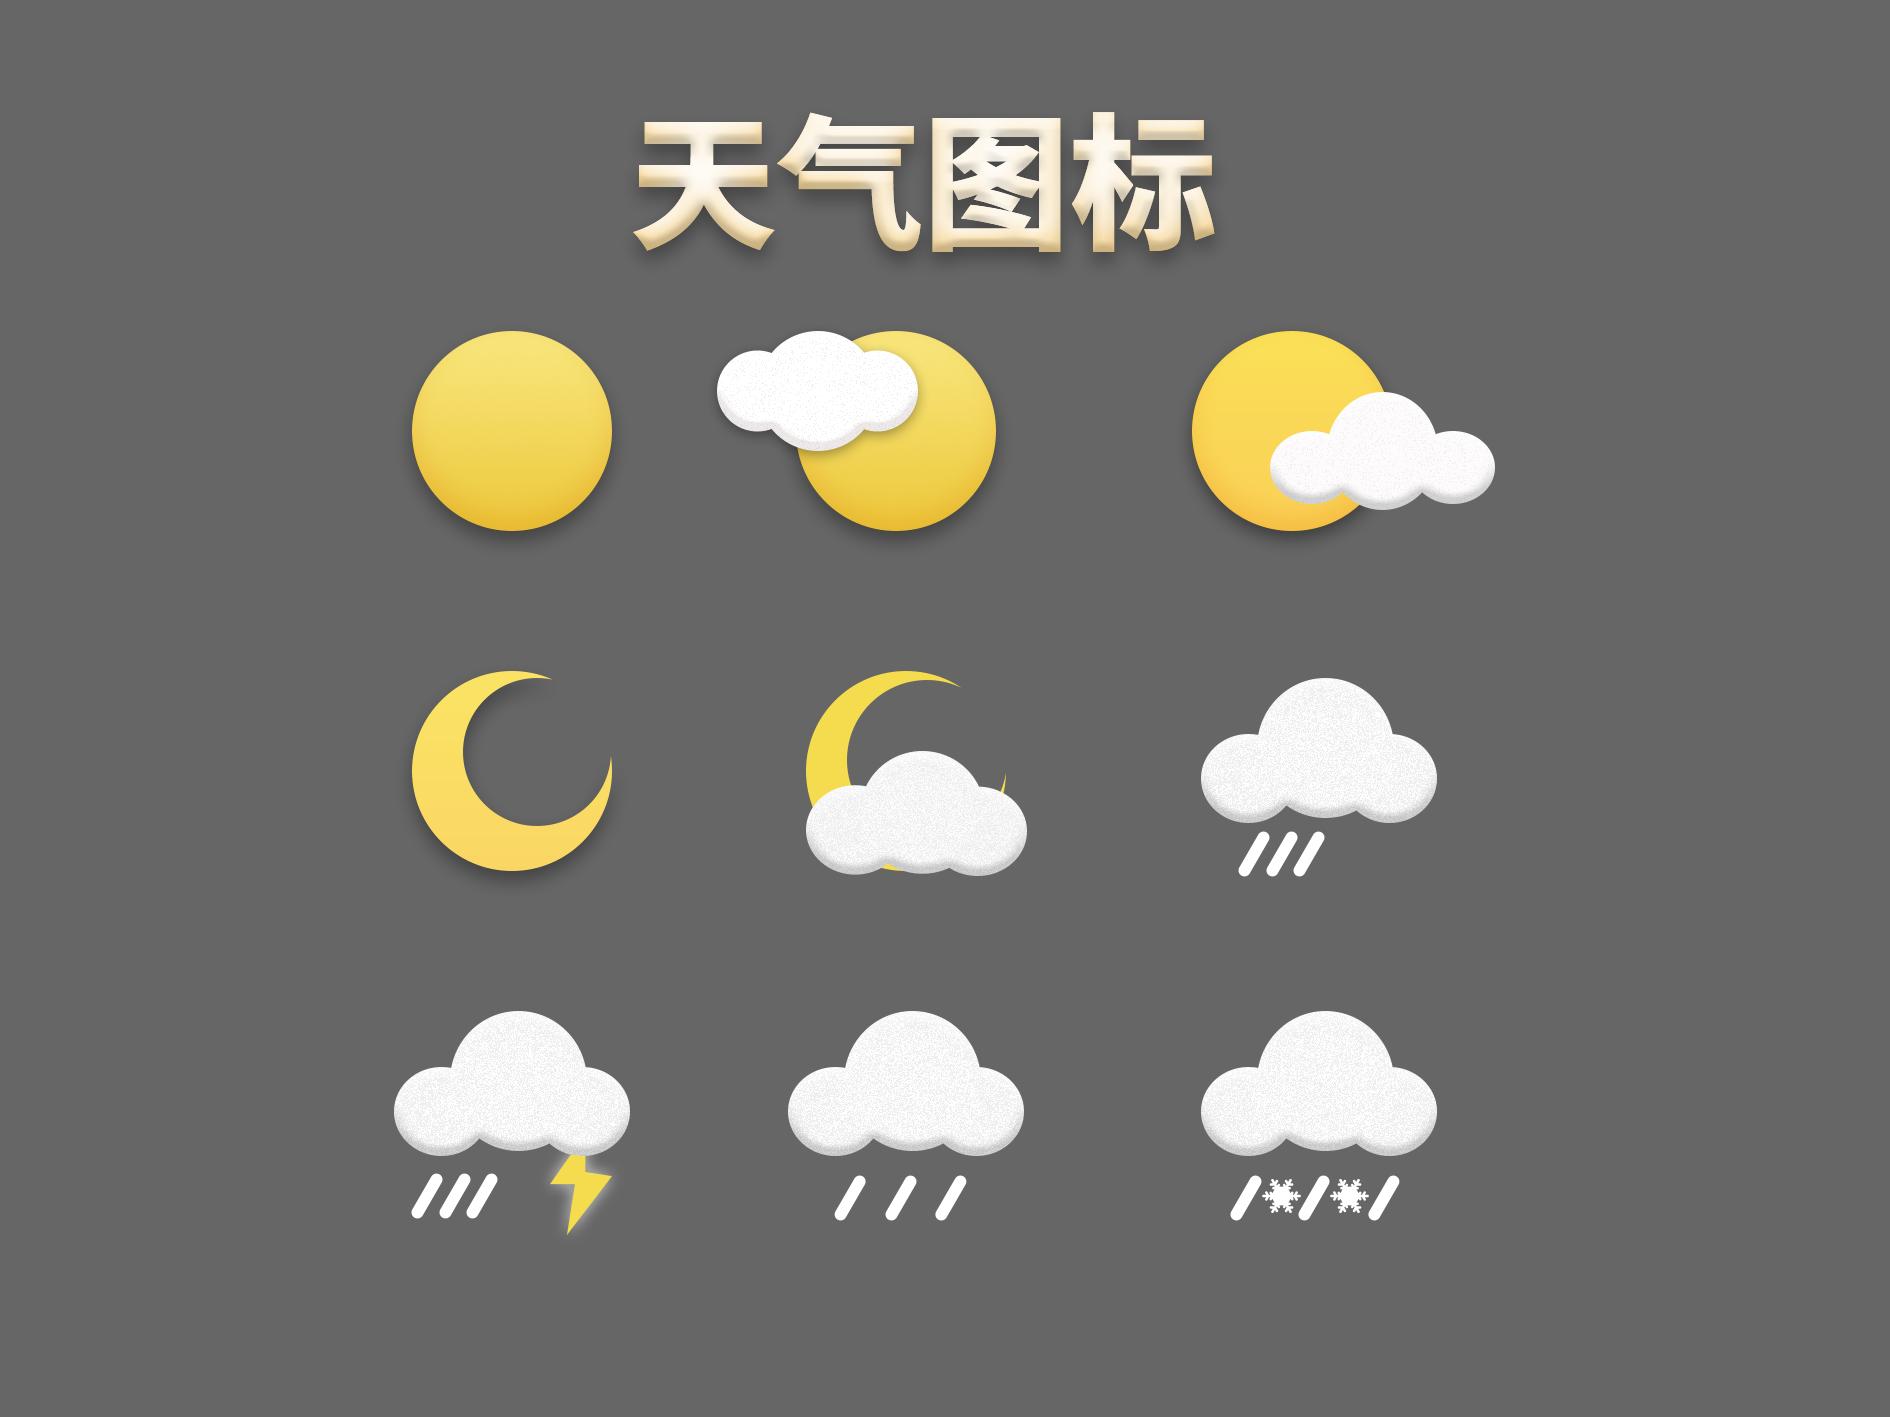 天气图标素材